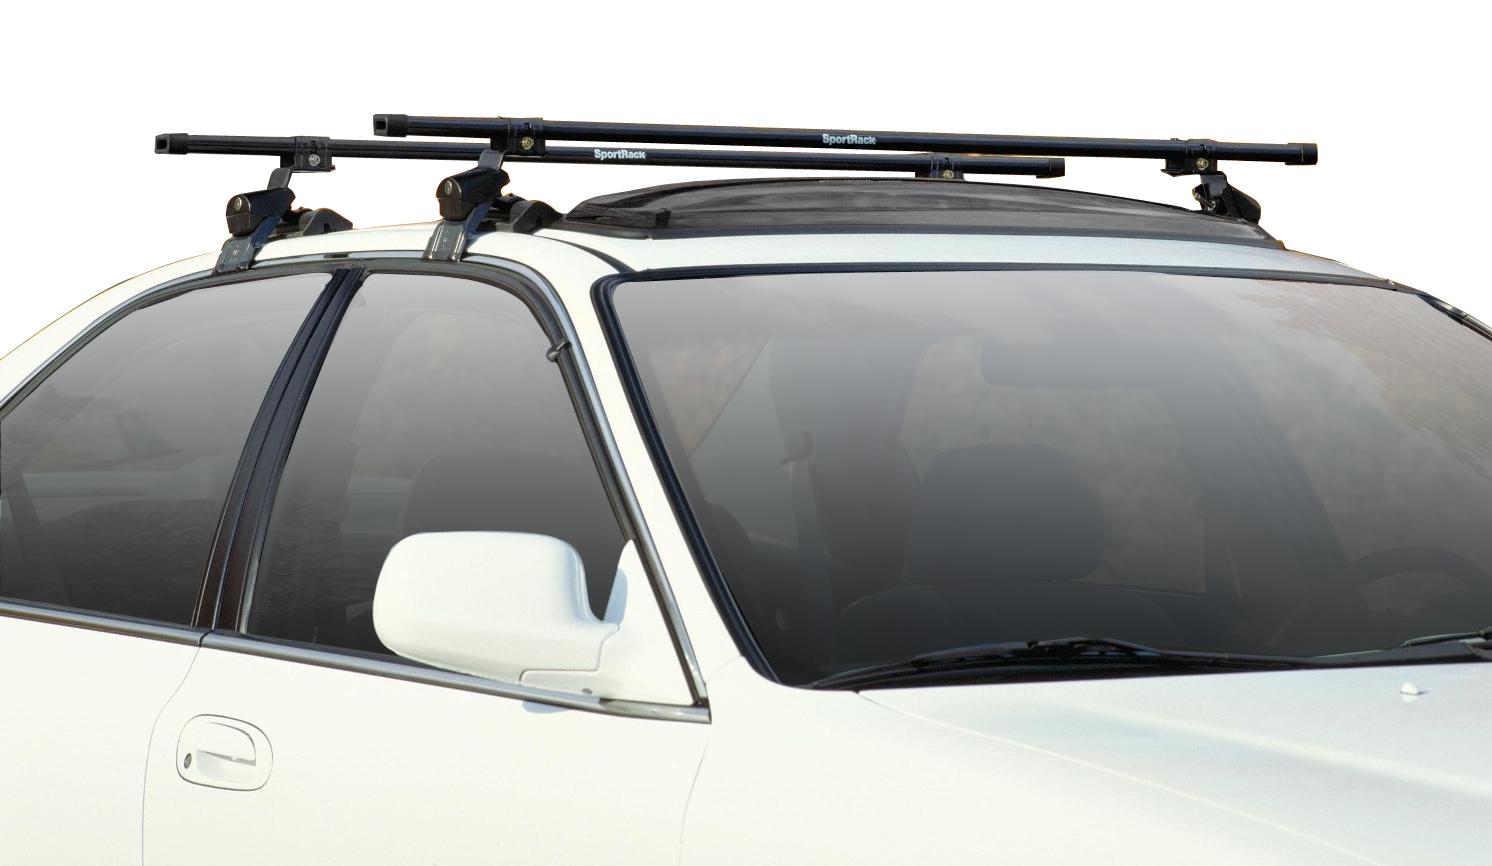 hight resolution of chrysler aspen roof rack